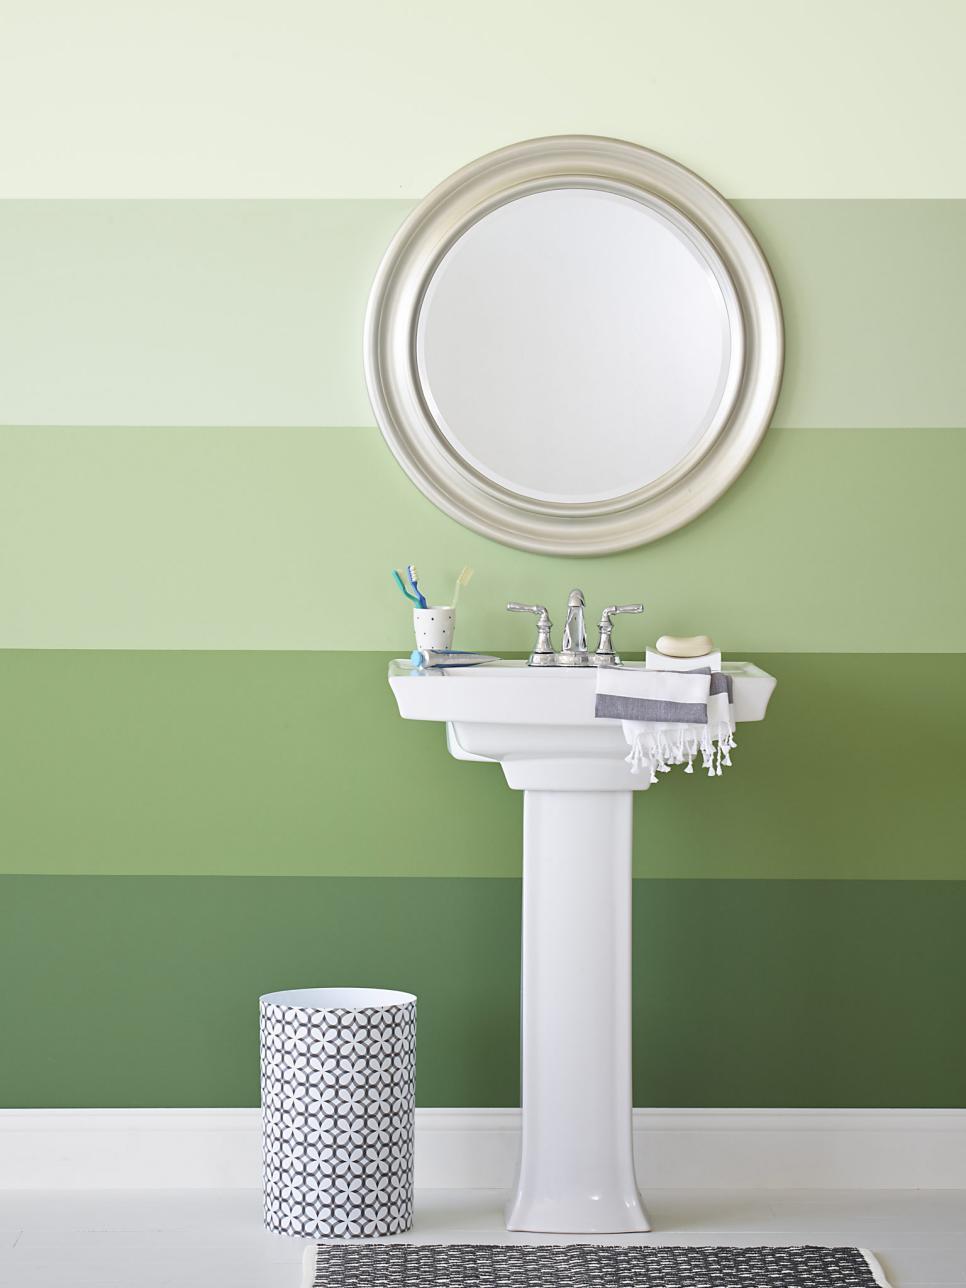 Полосатая крашеная стена в ванной